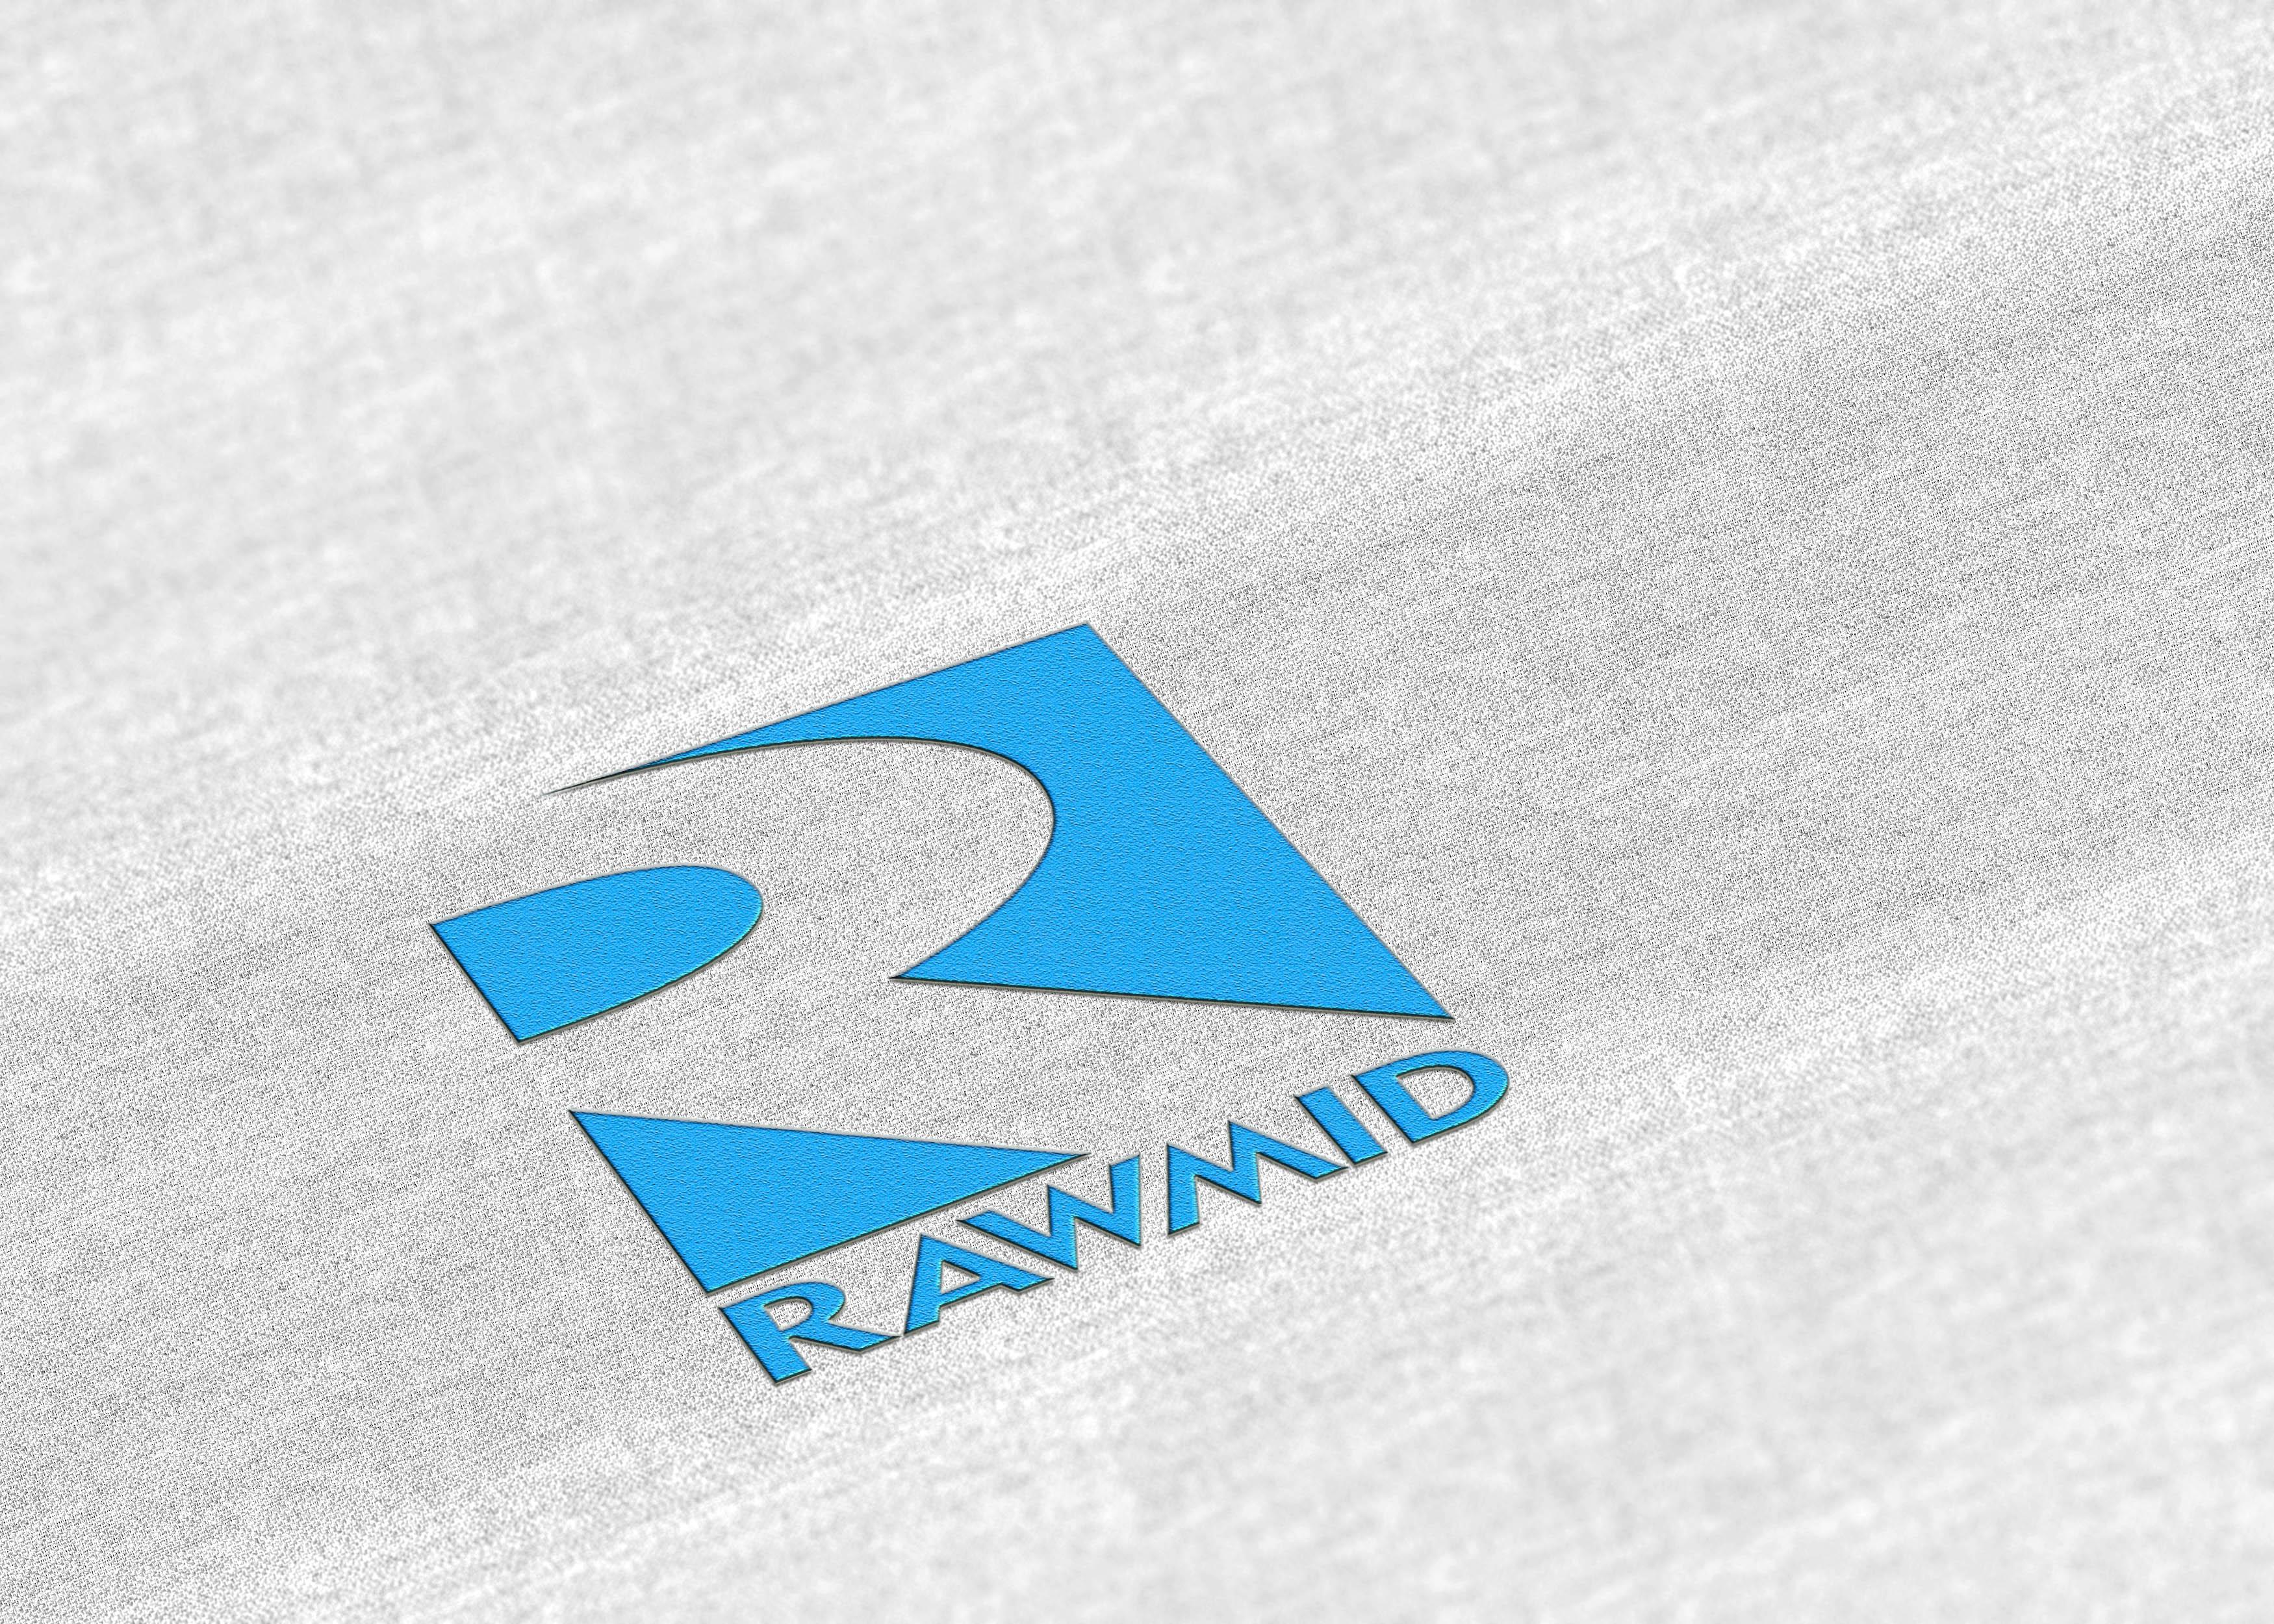 Создать логотип (буквенная часть) для бренда бытовой техники фото f_5705b3881be50a14.jpg